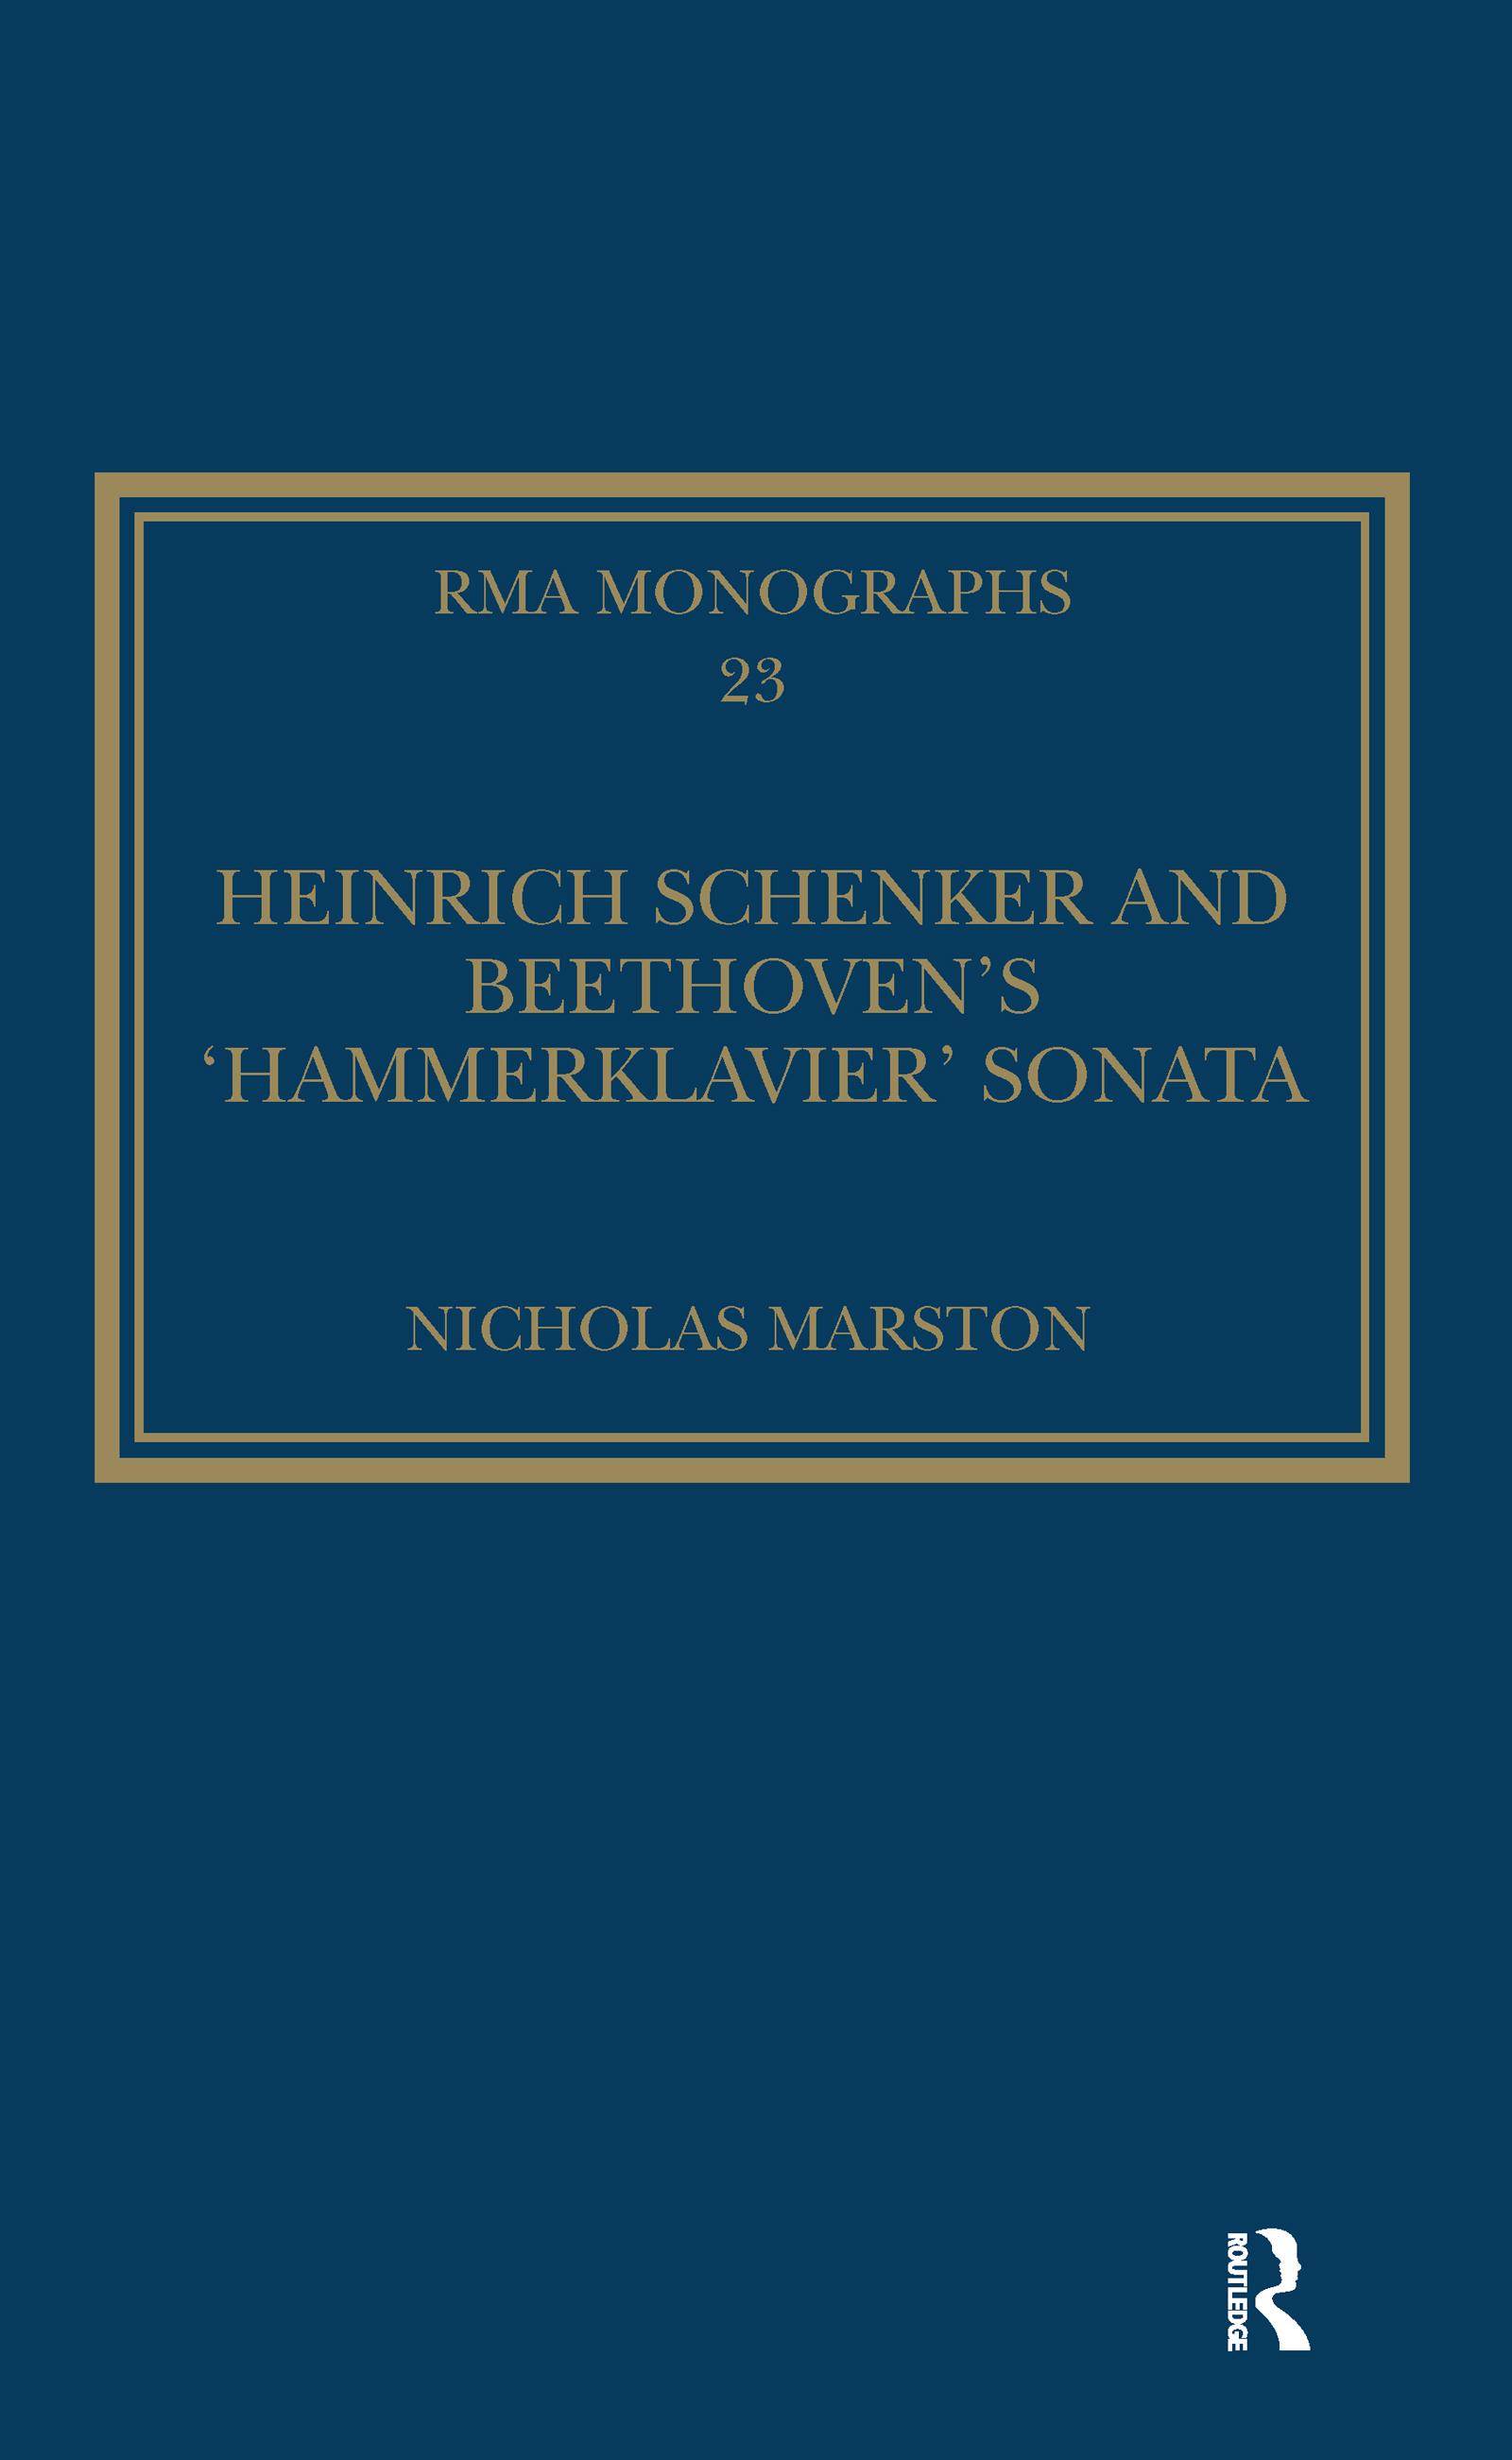 Heinrich Schenker and Beethoven's 'Hammerklavier' Sonata book cover